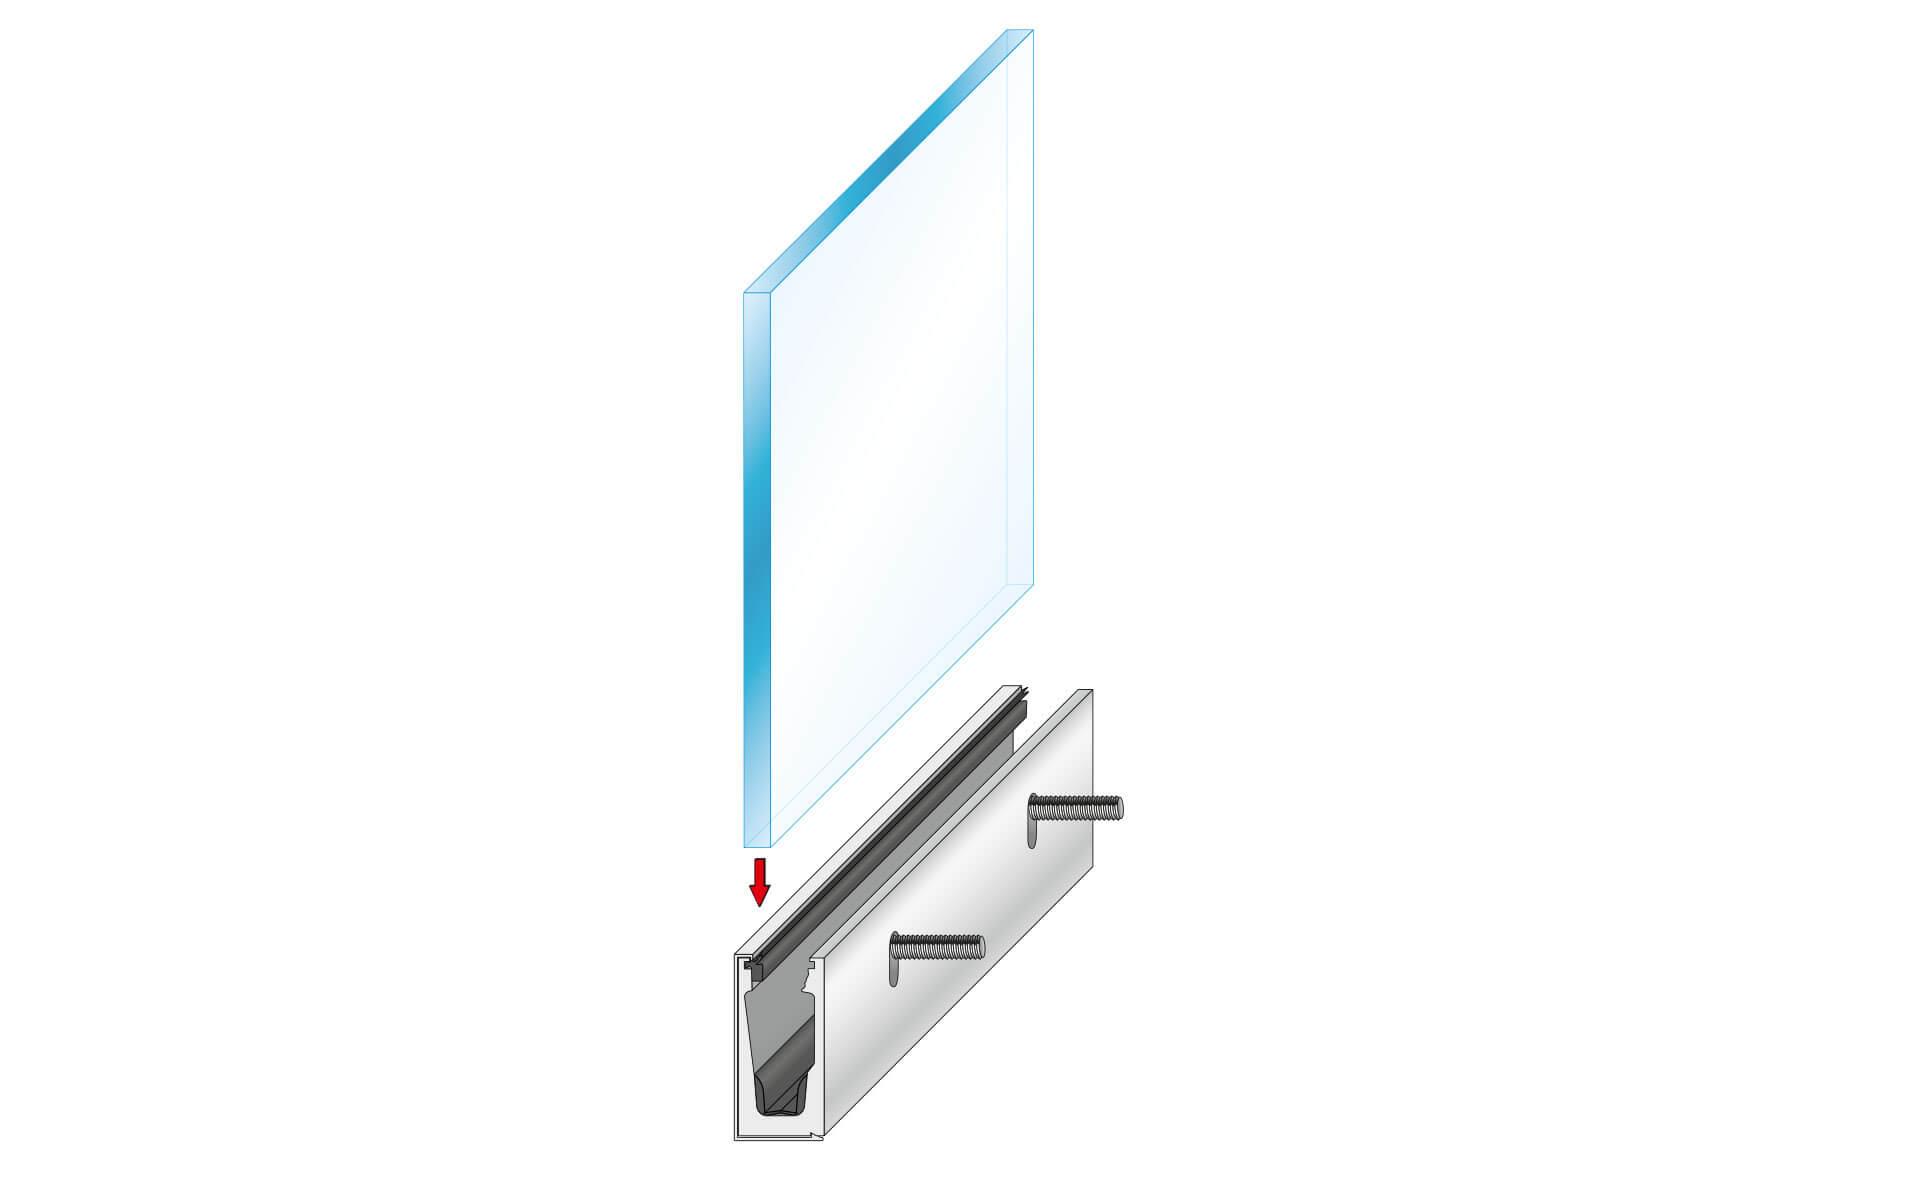 Glasgeländer Balardo core - Leichtbau Ganzglasgeländersystem